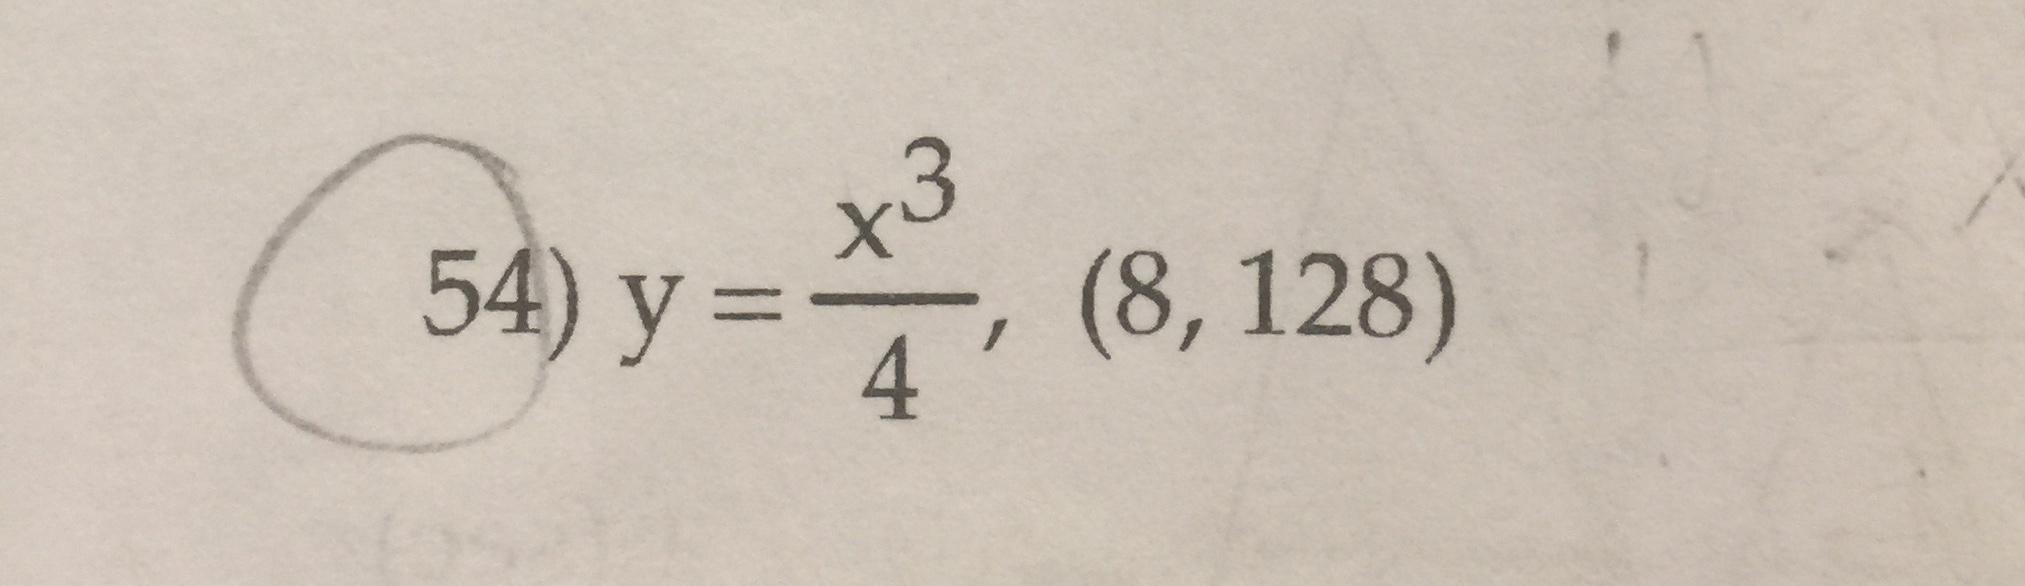 x3 (8, 128) 4 54) y=